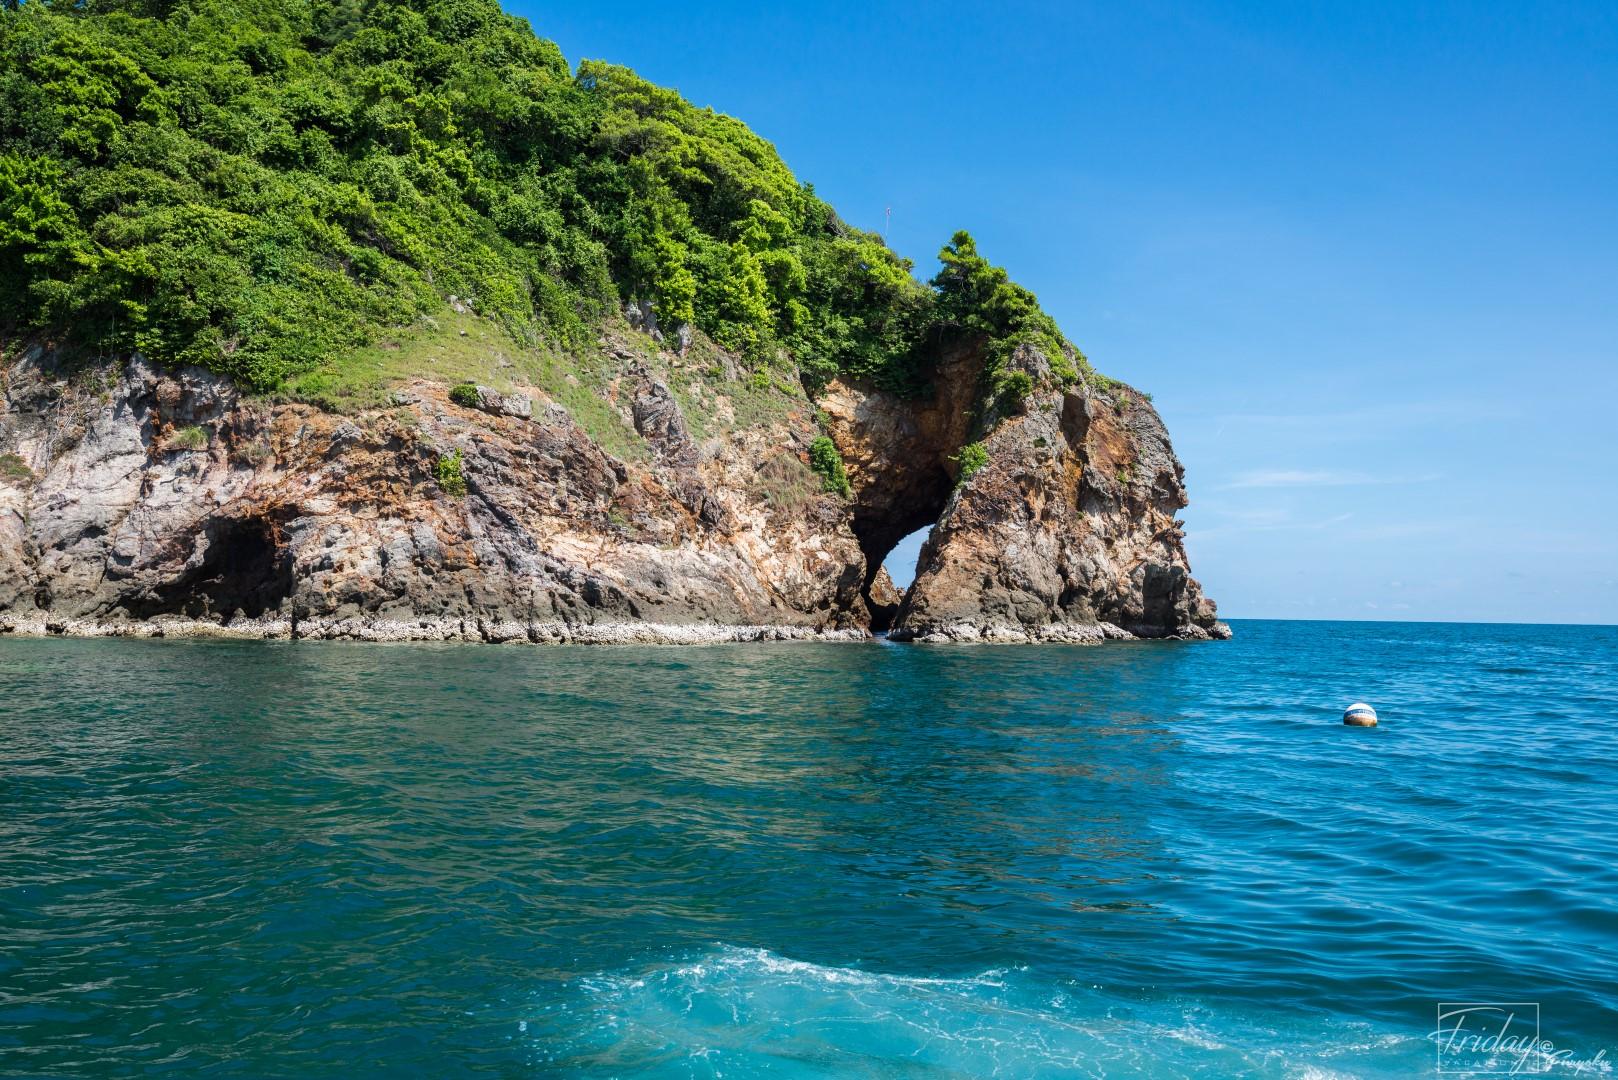 ดำน้ำใสๆที่เกาะทะลุ นครศรีดีย์